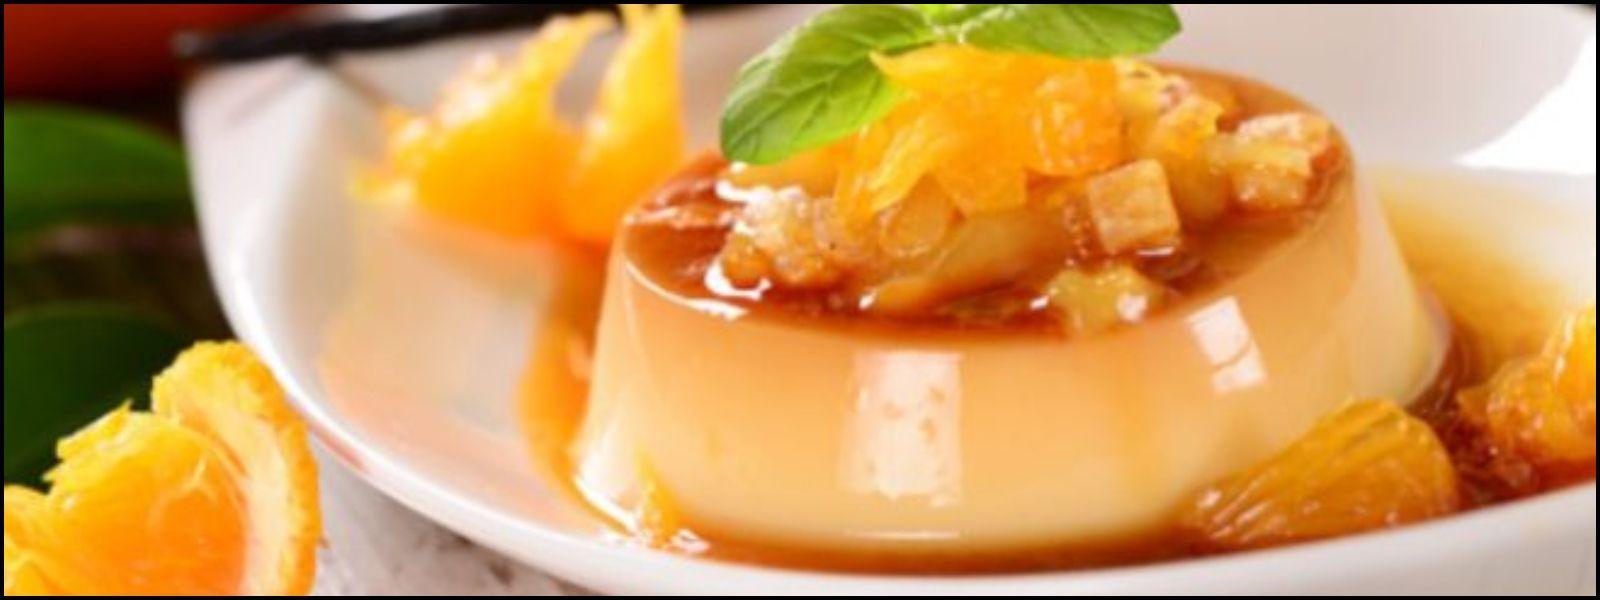 Flan De Naranja Una Receta Sin Horno Y Con Solo 3 Ingredientes La 100